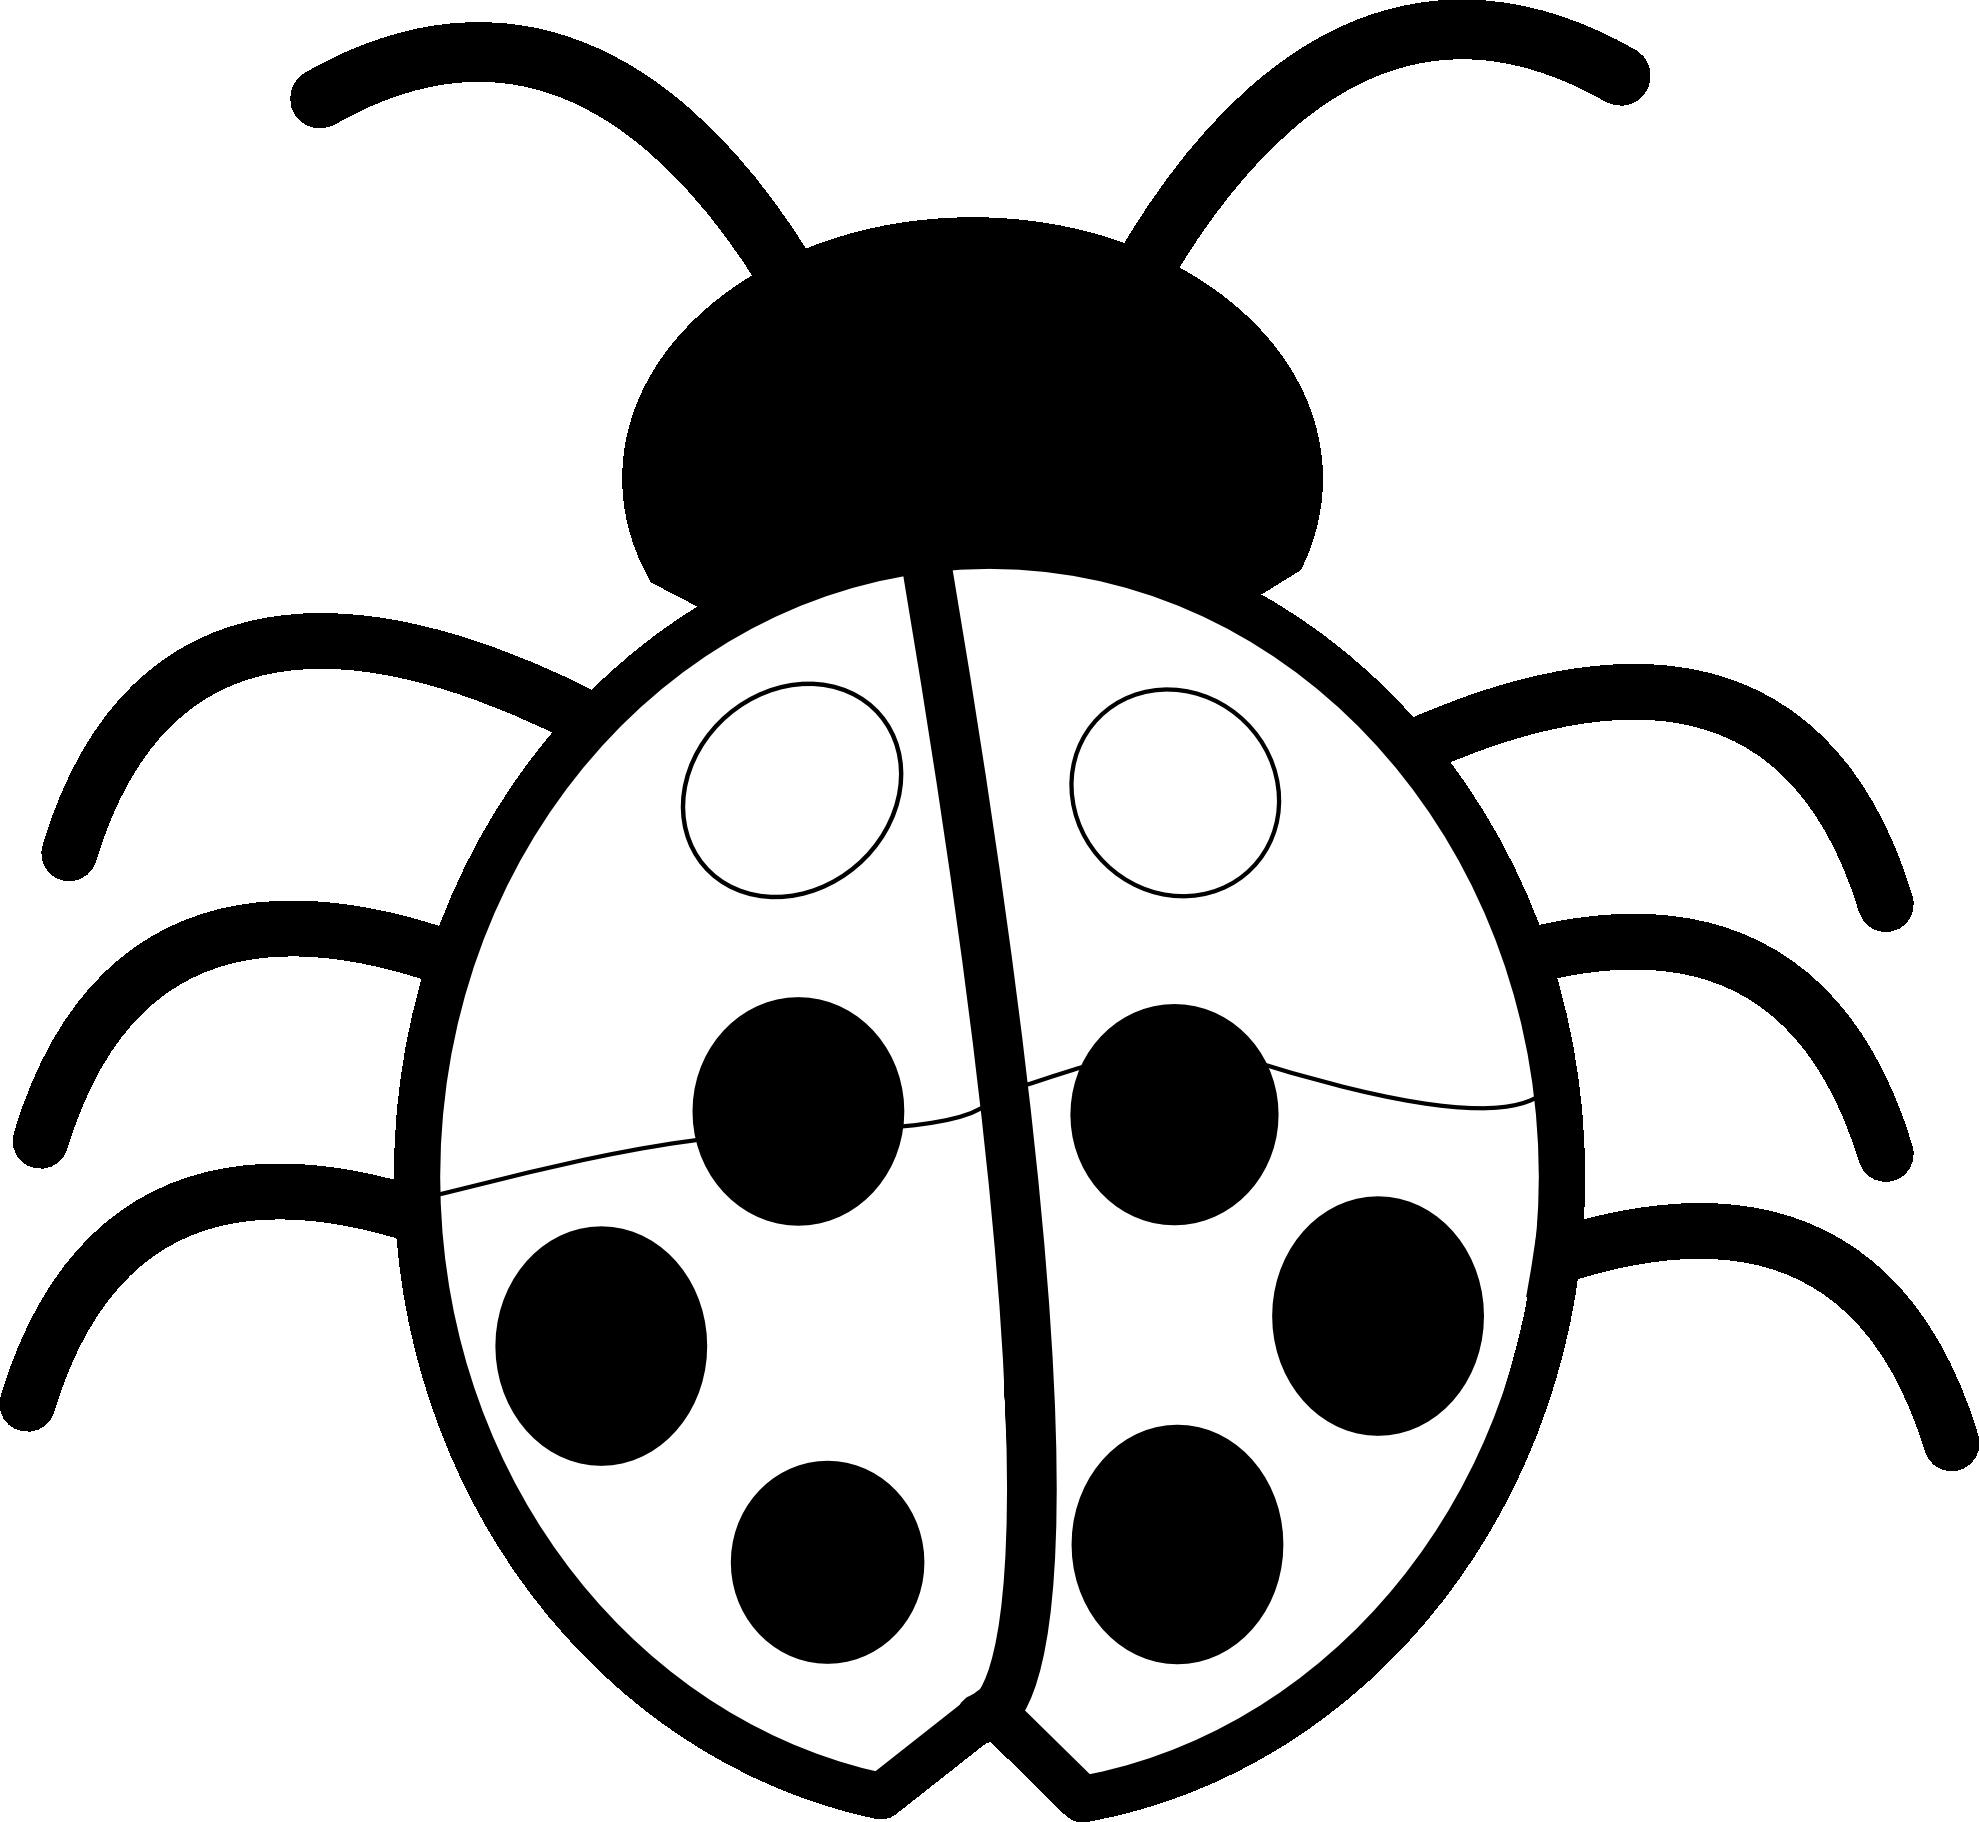 35+ Ladybug Black And White Clipart